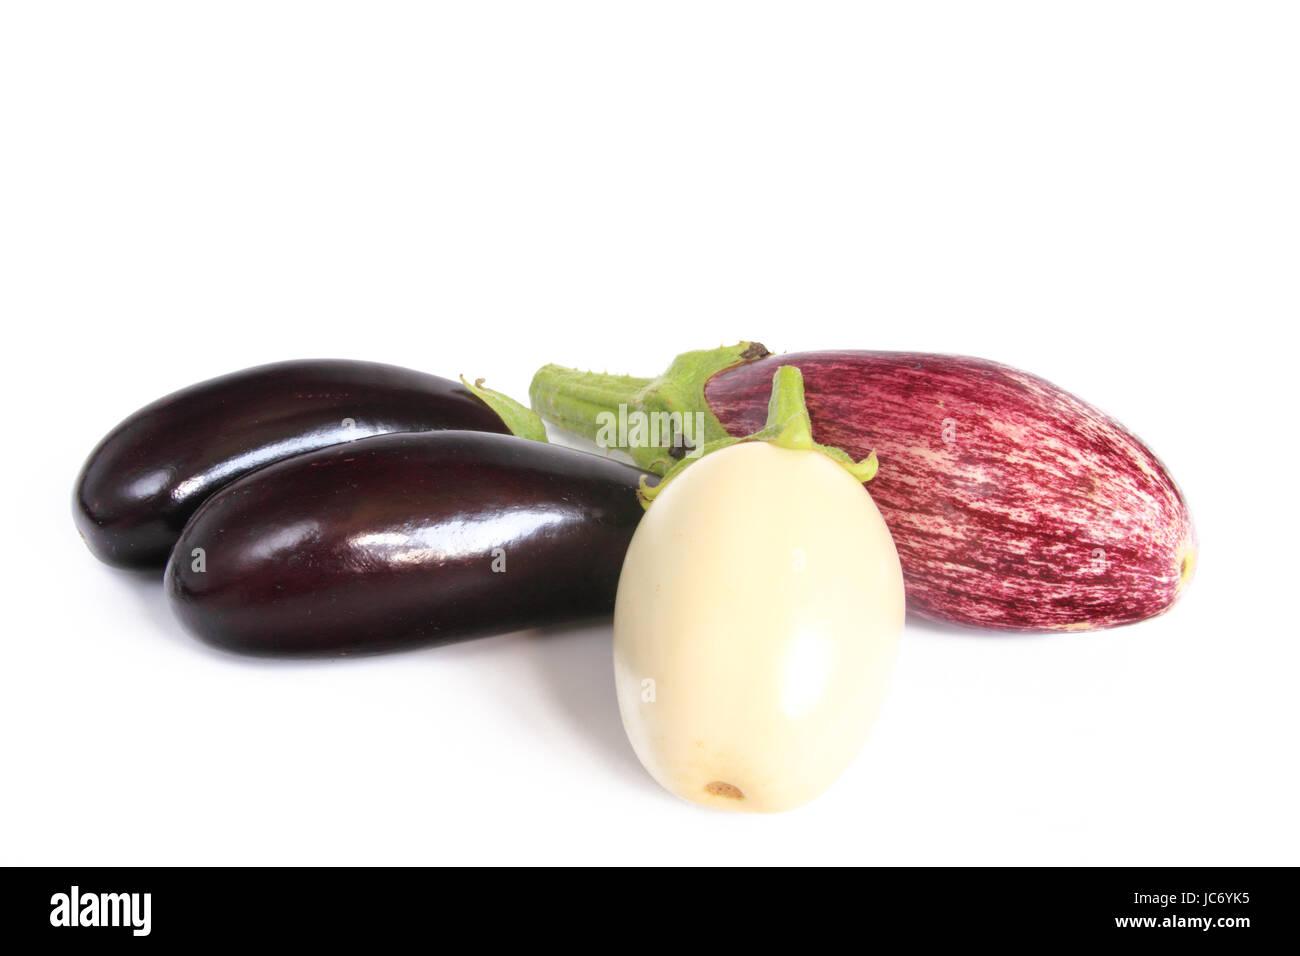 drei verschiedene Auberginensorten (Solanum melongena) Stock Photo